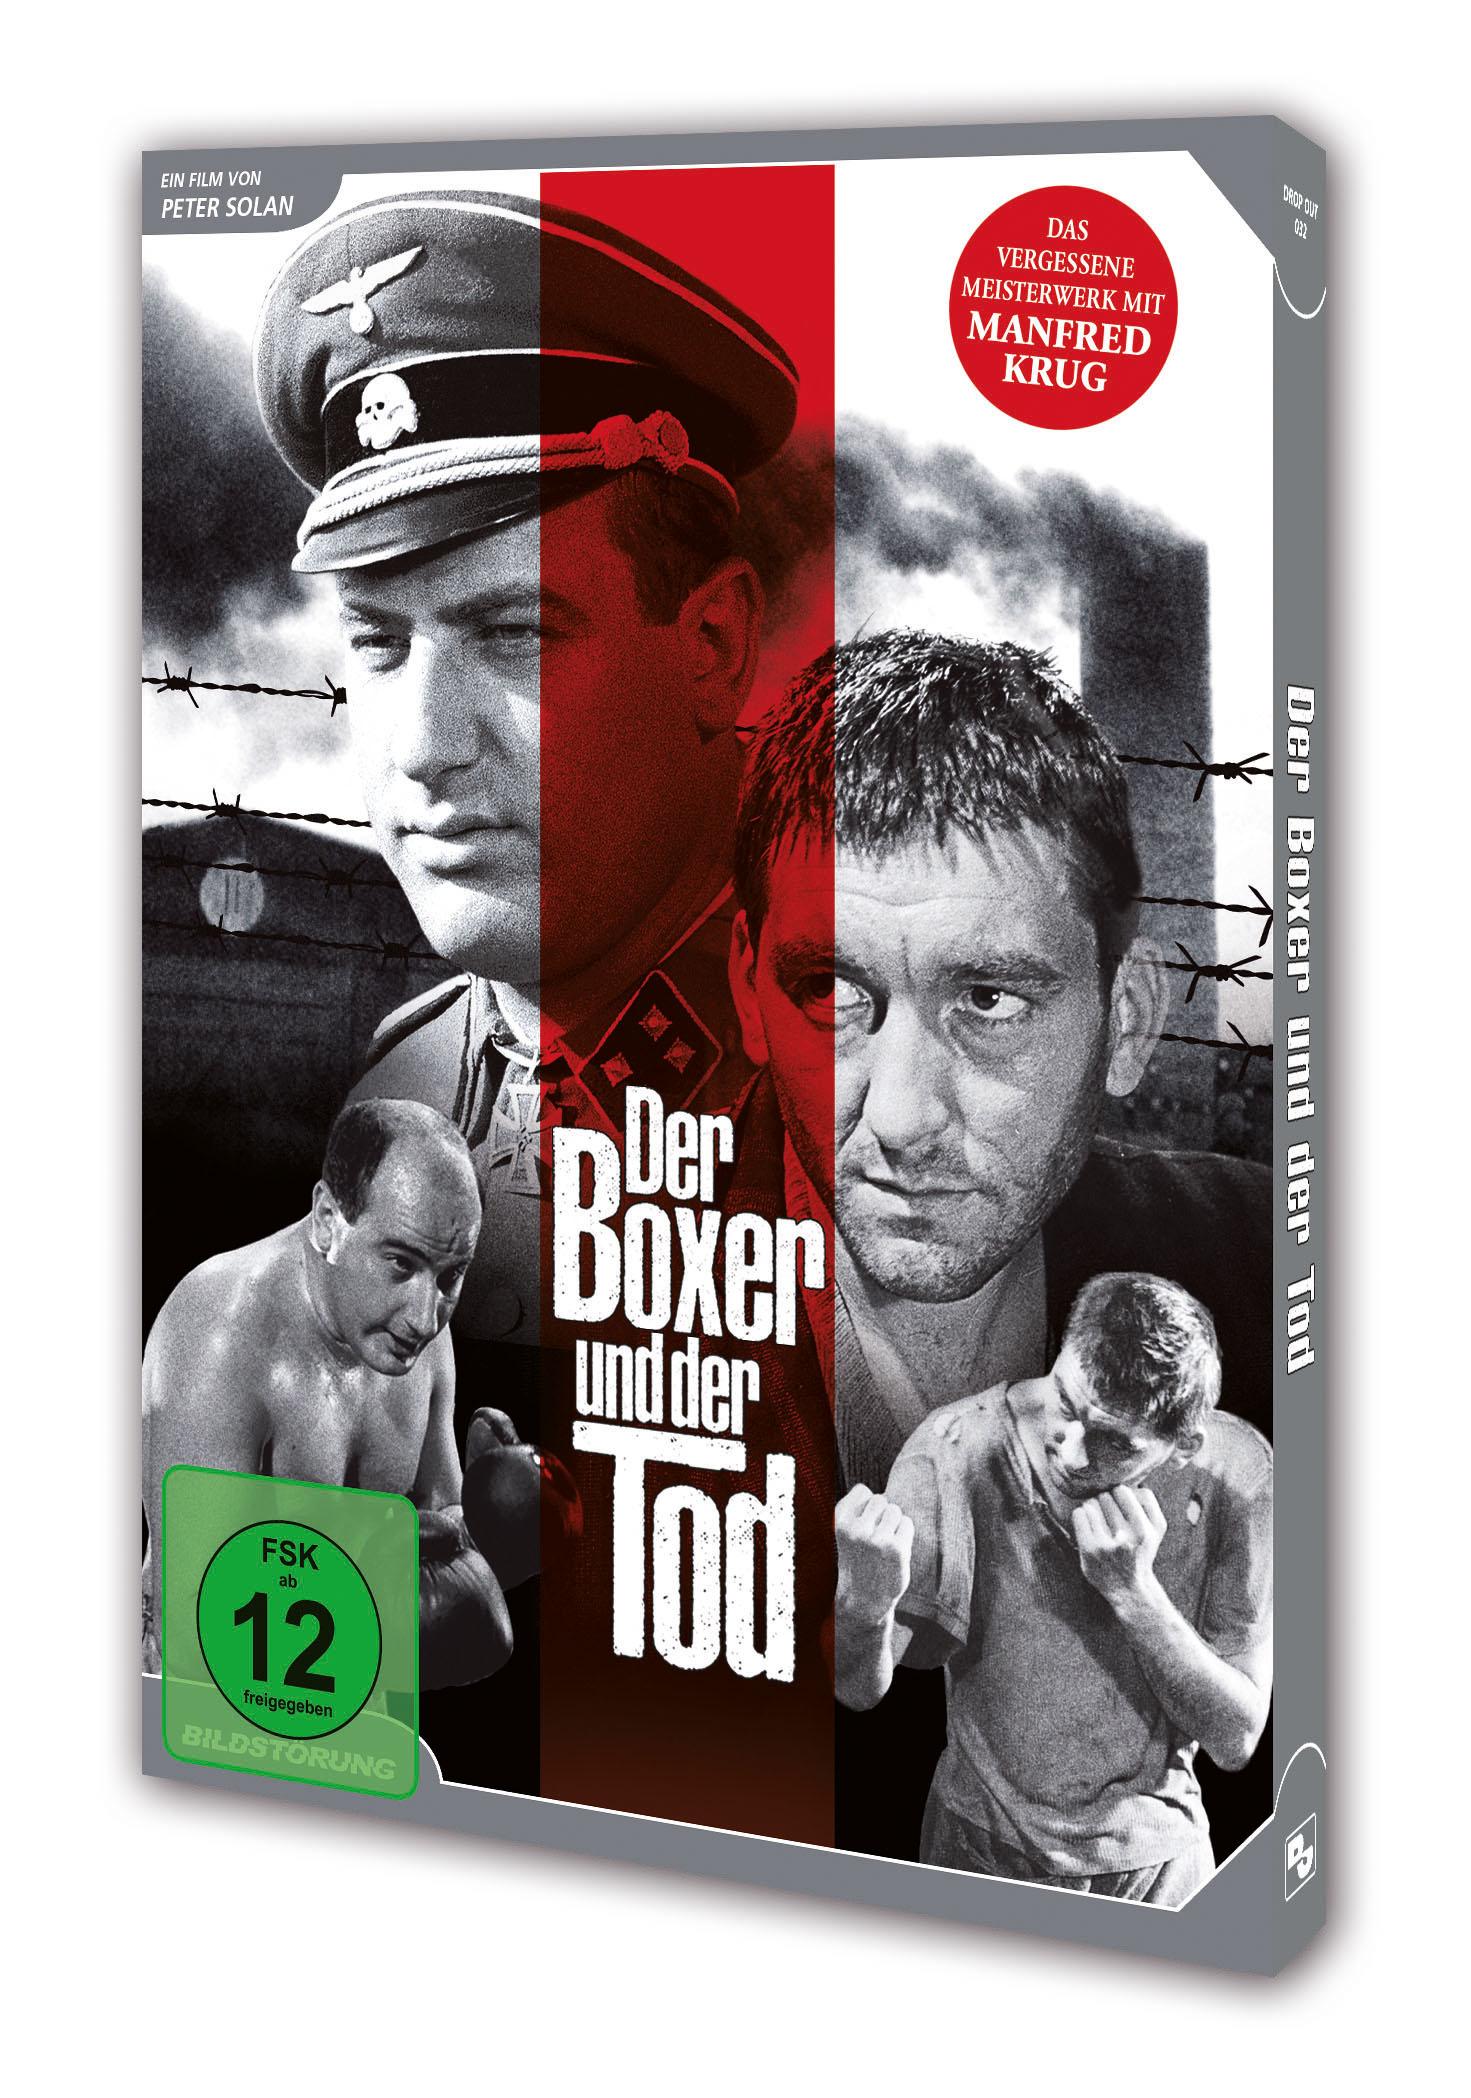 DVD DER BOXER UND DER TOD 3D